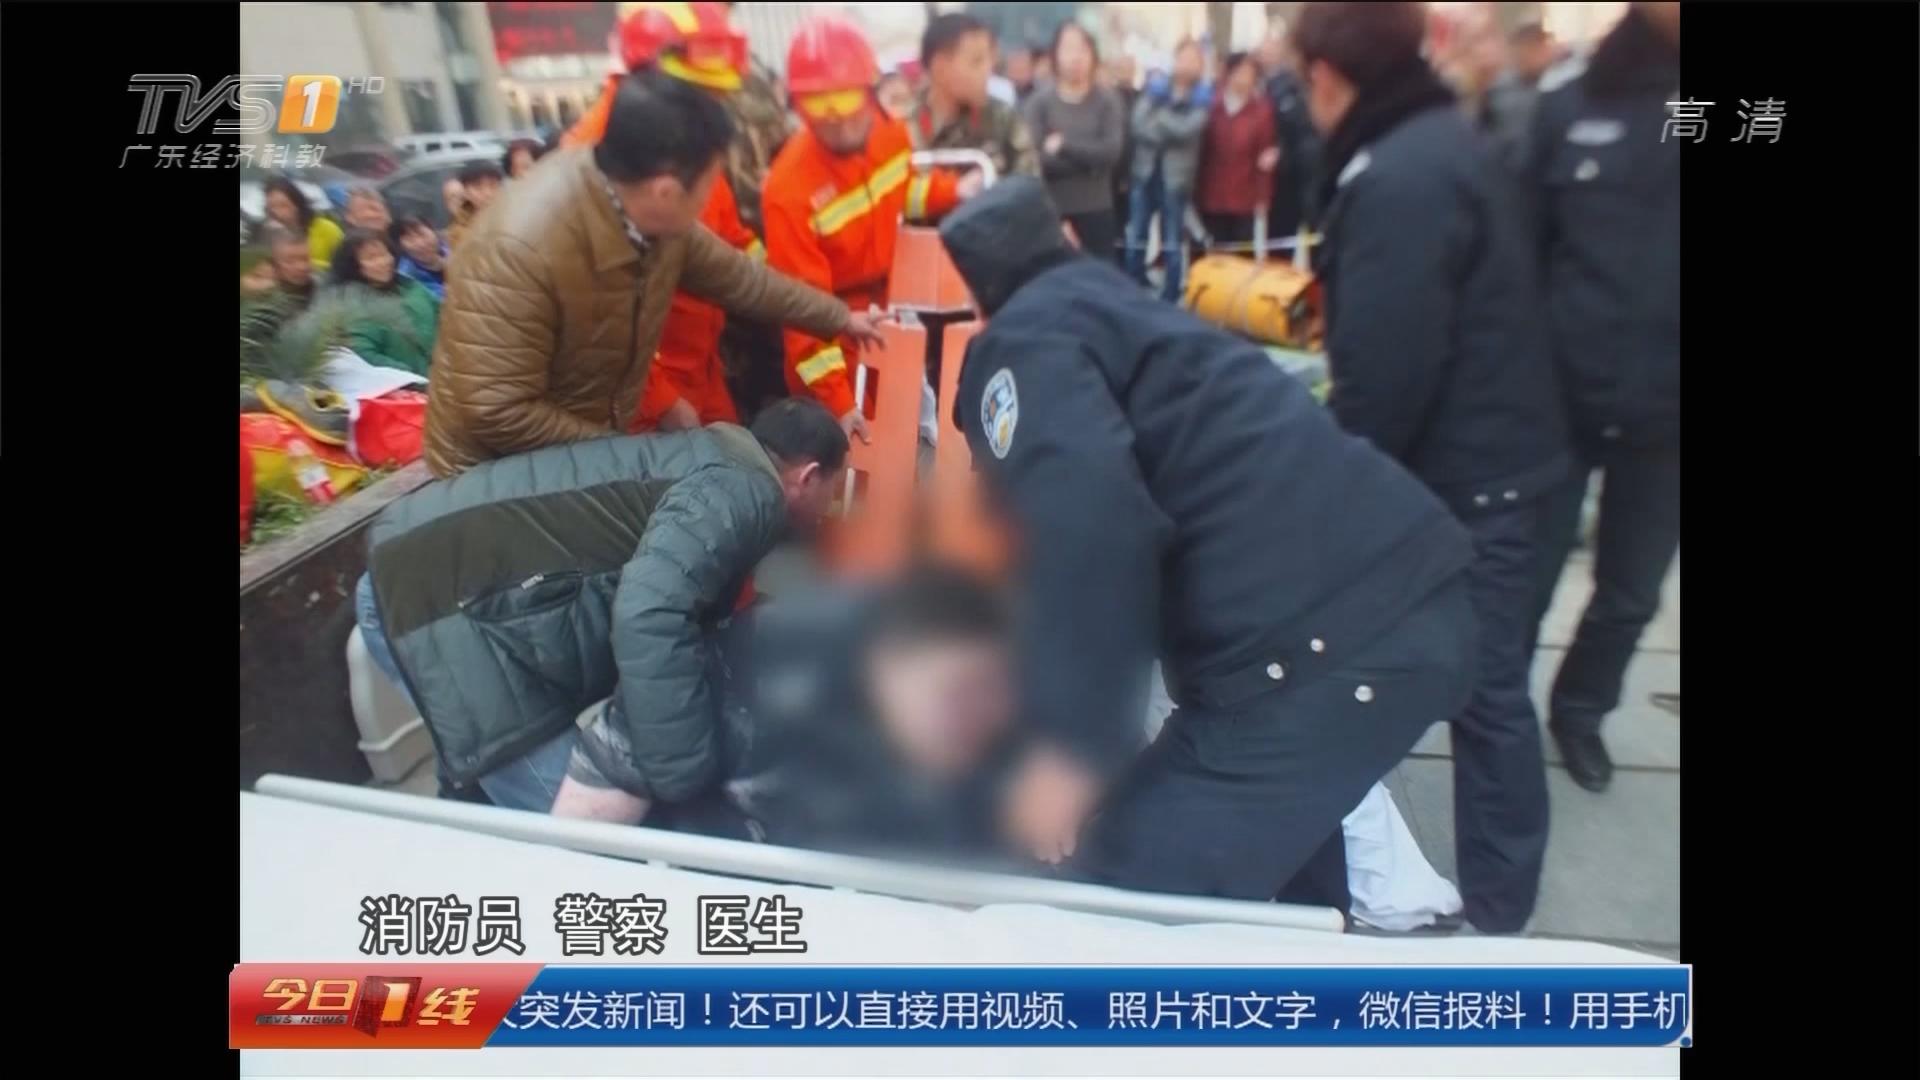 湖北:440斤小伙摔倒 20多人扶不起!